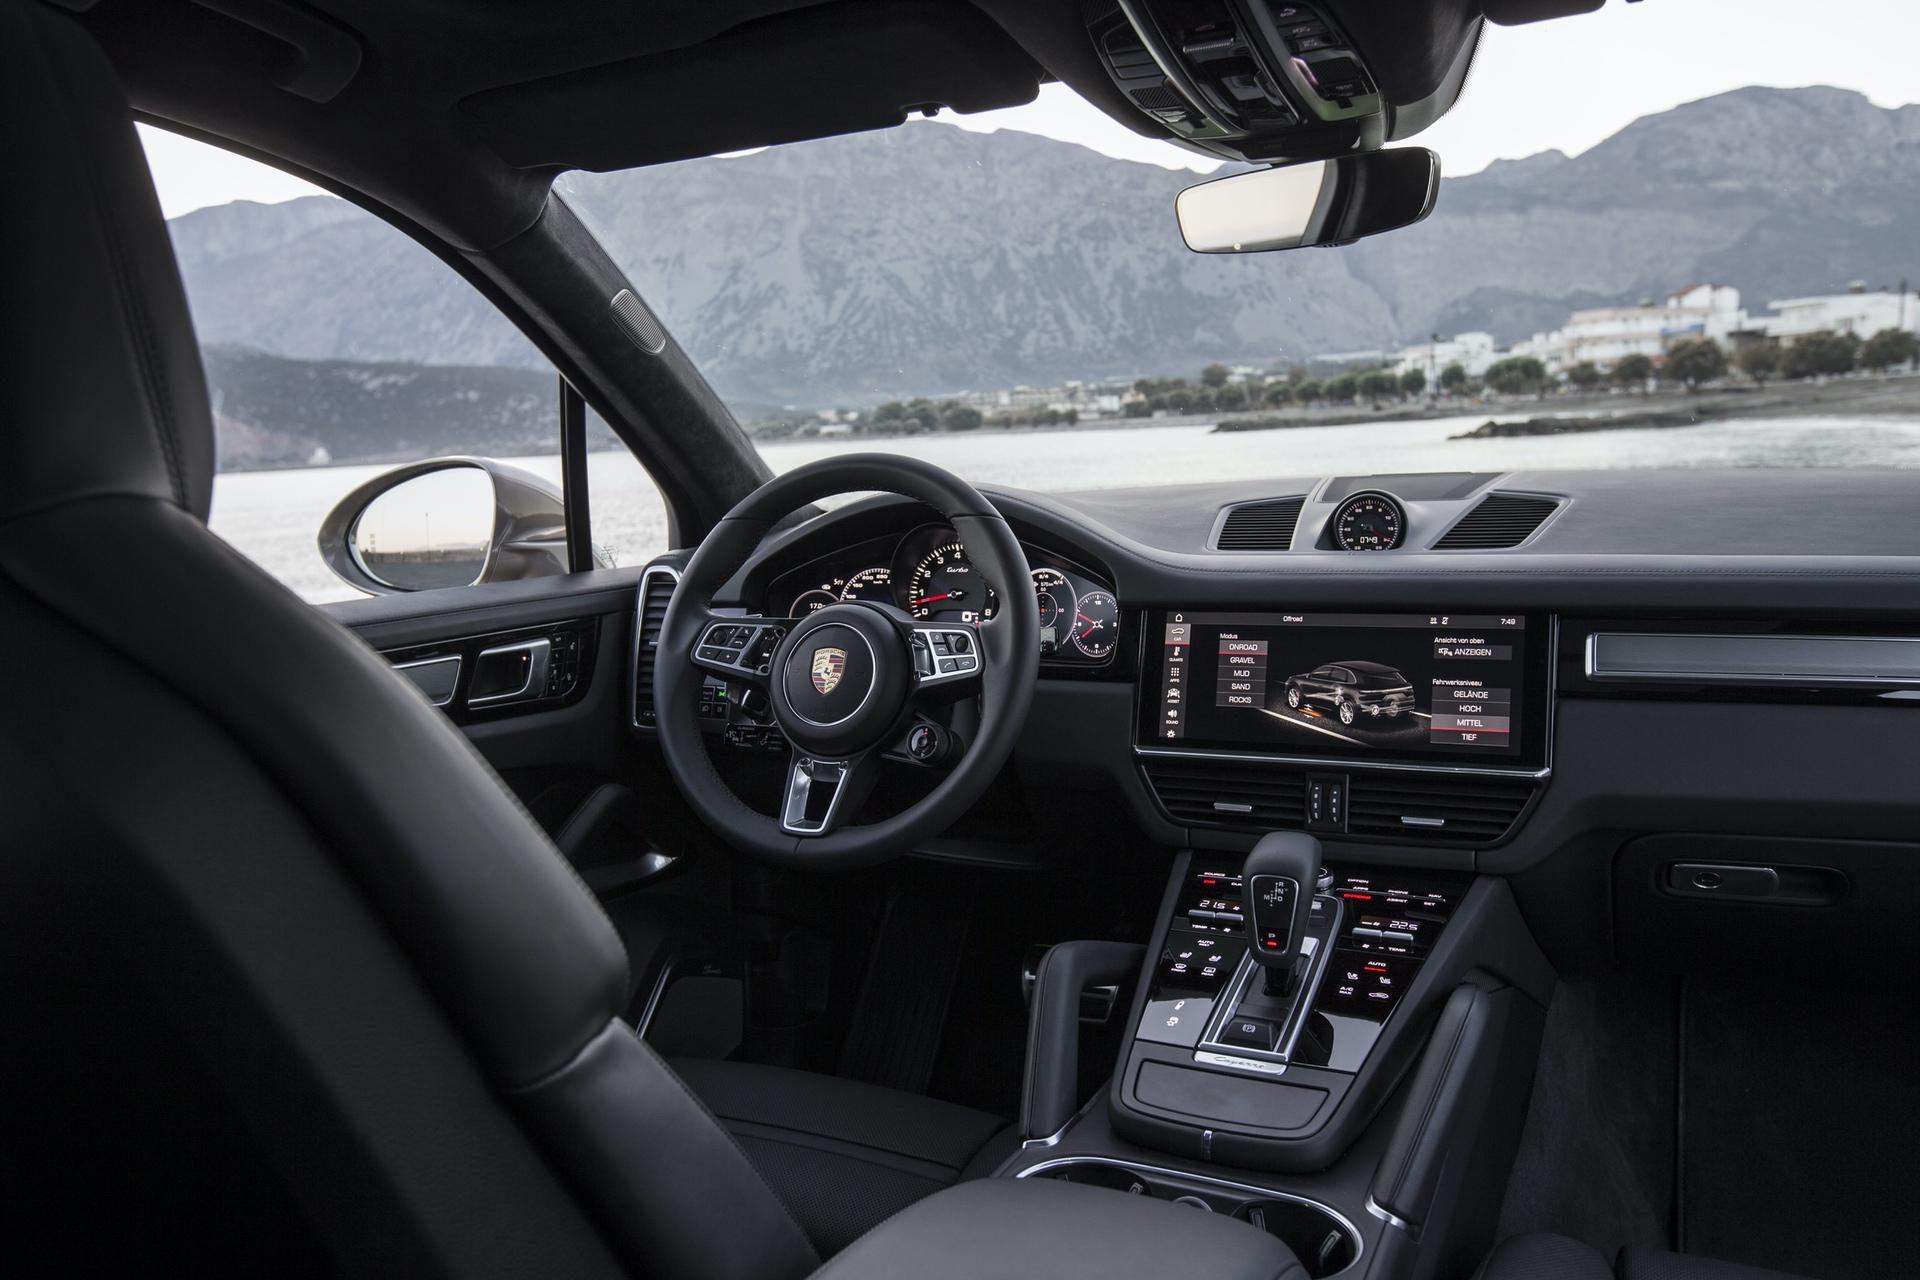 Test_Drive_Porsche_Cayenne_102